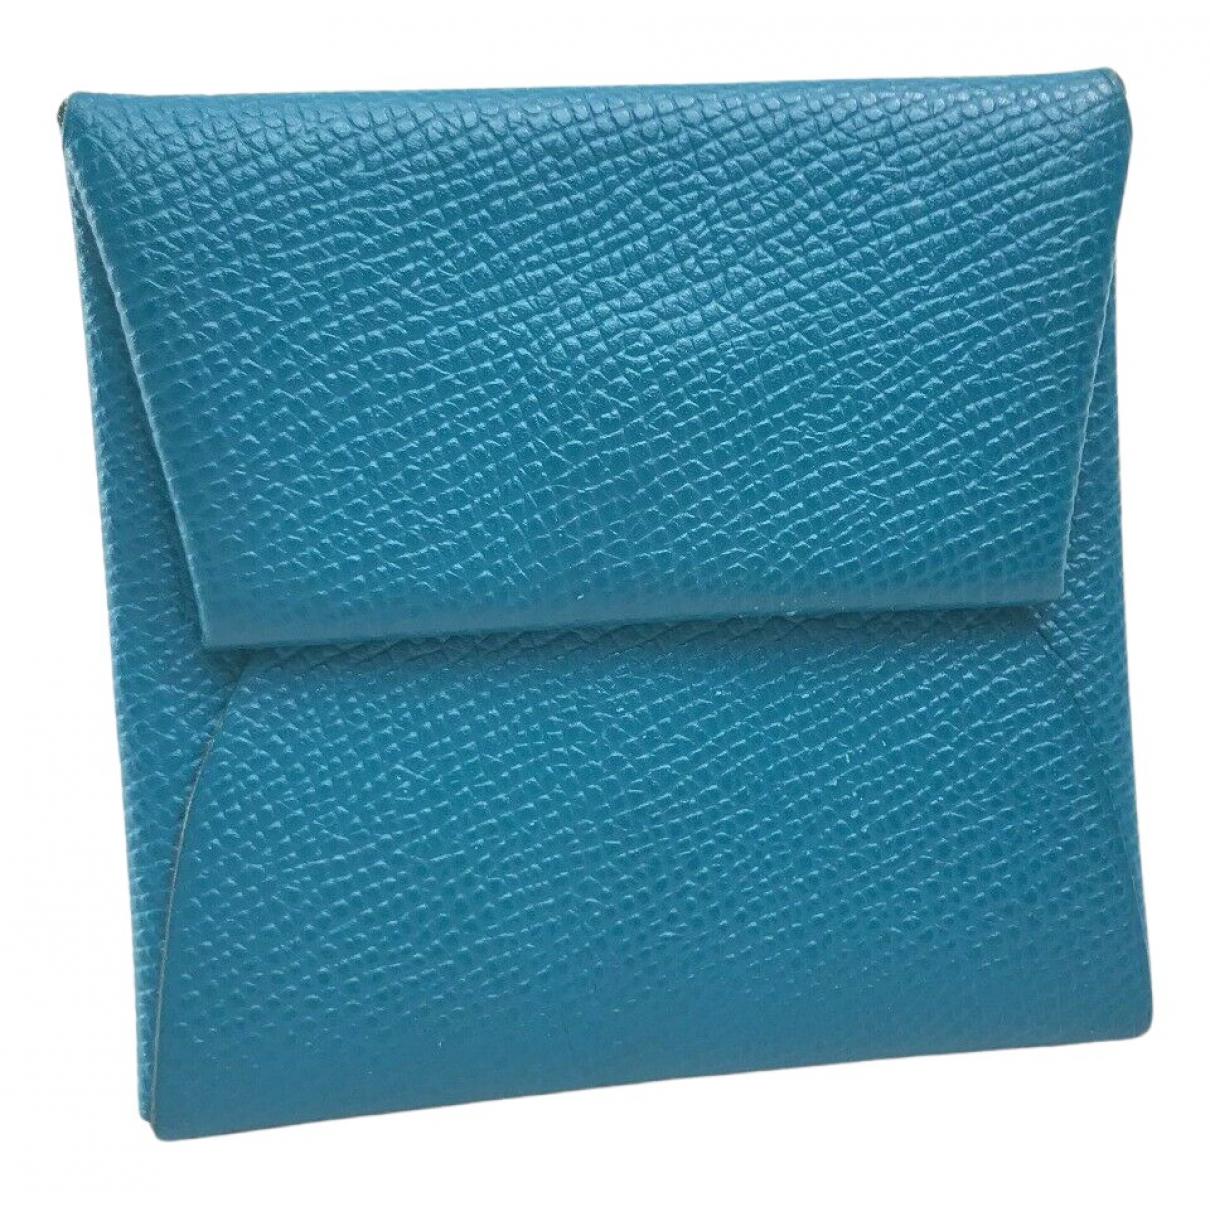 Hermes - Petite maroquinerie Bastia pour femme en cuir - bleu